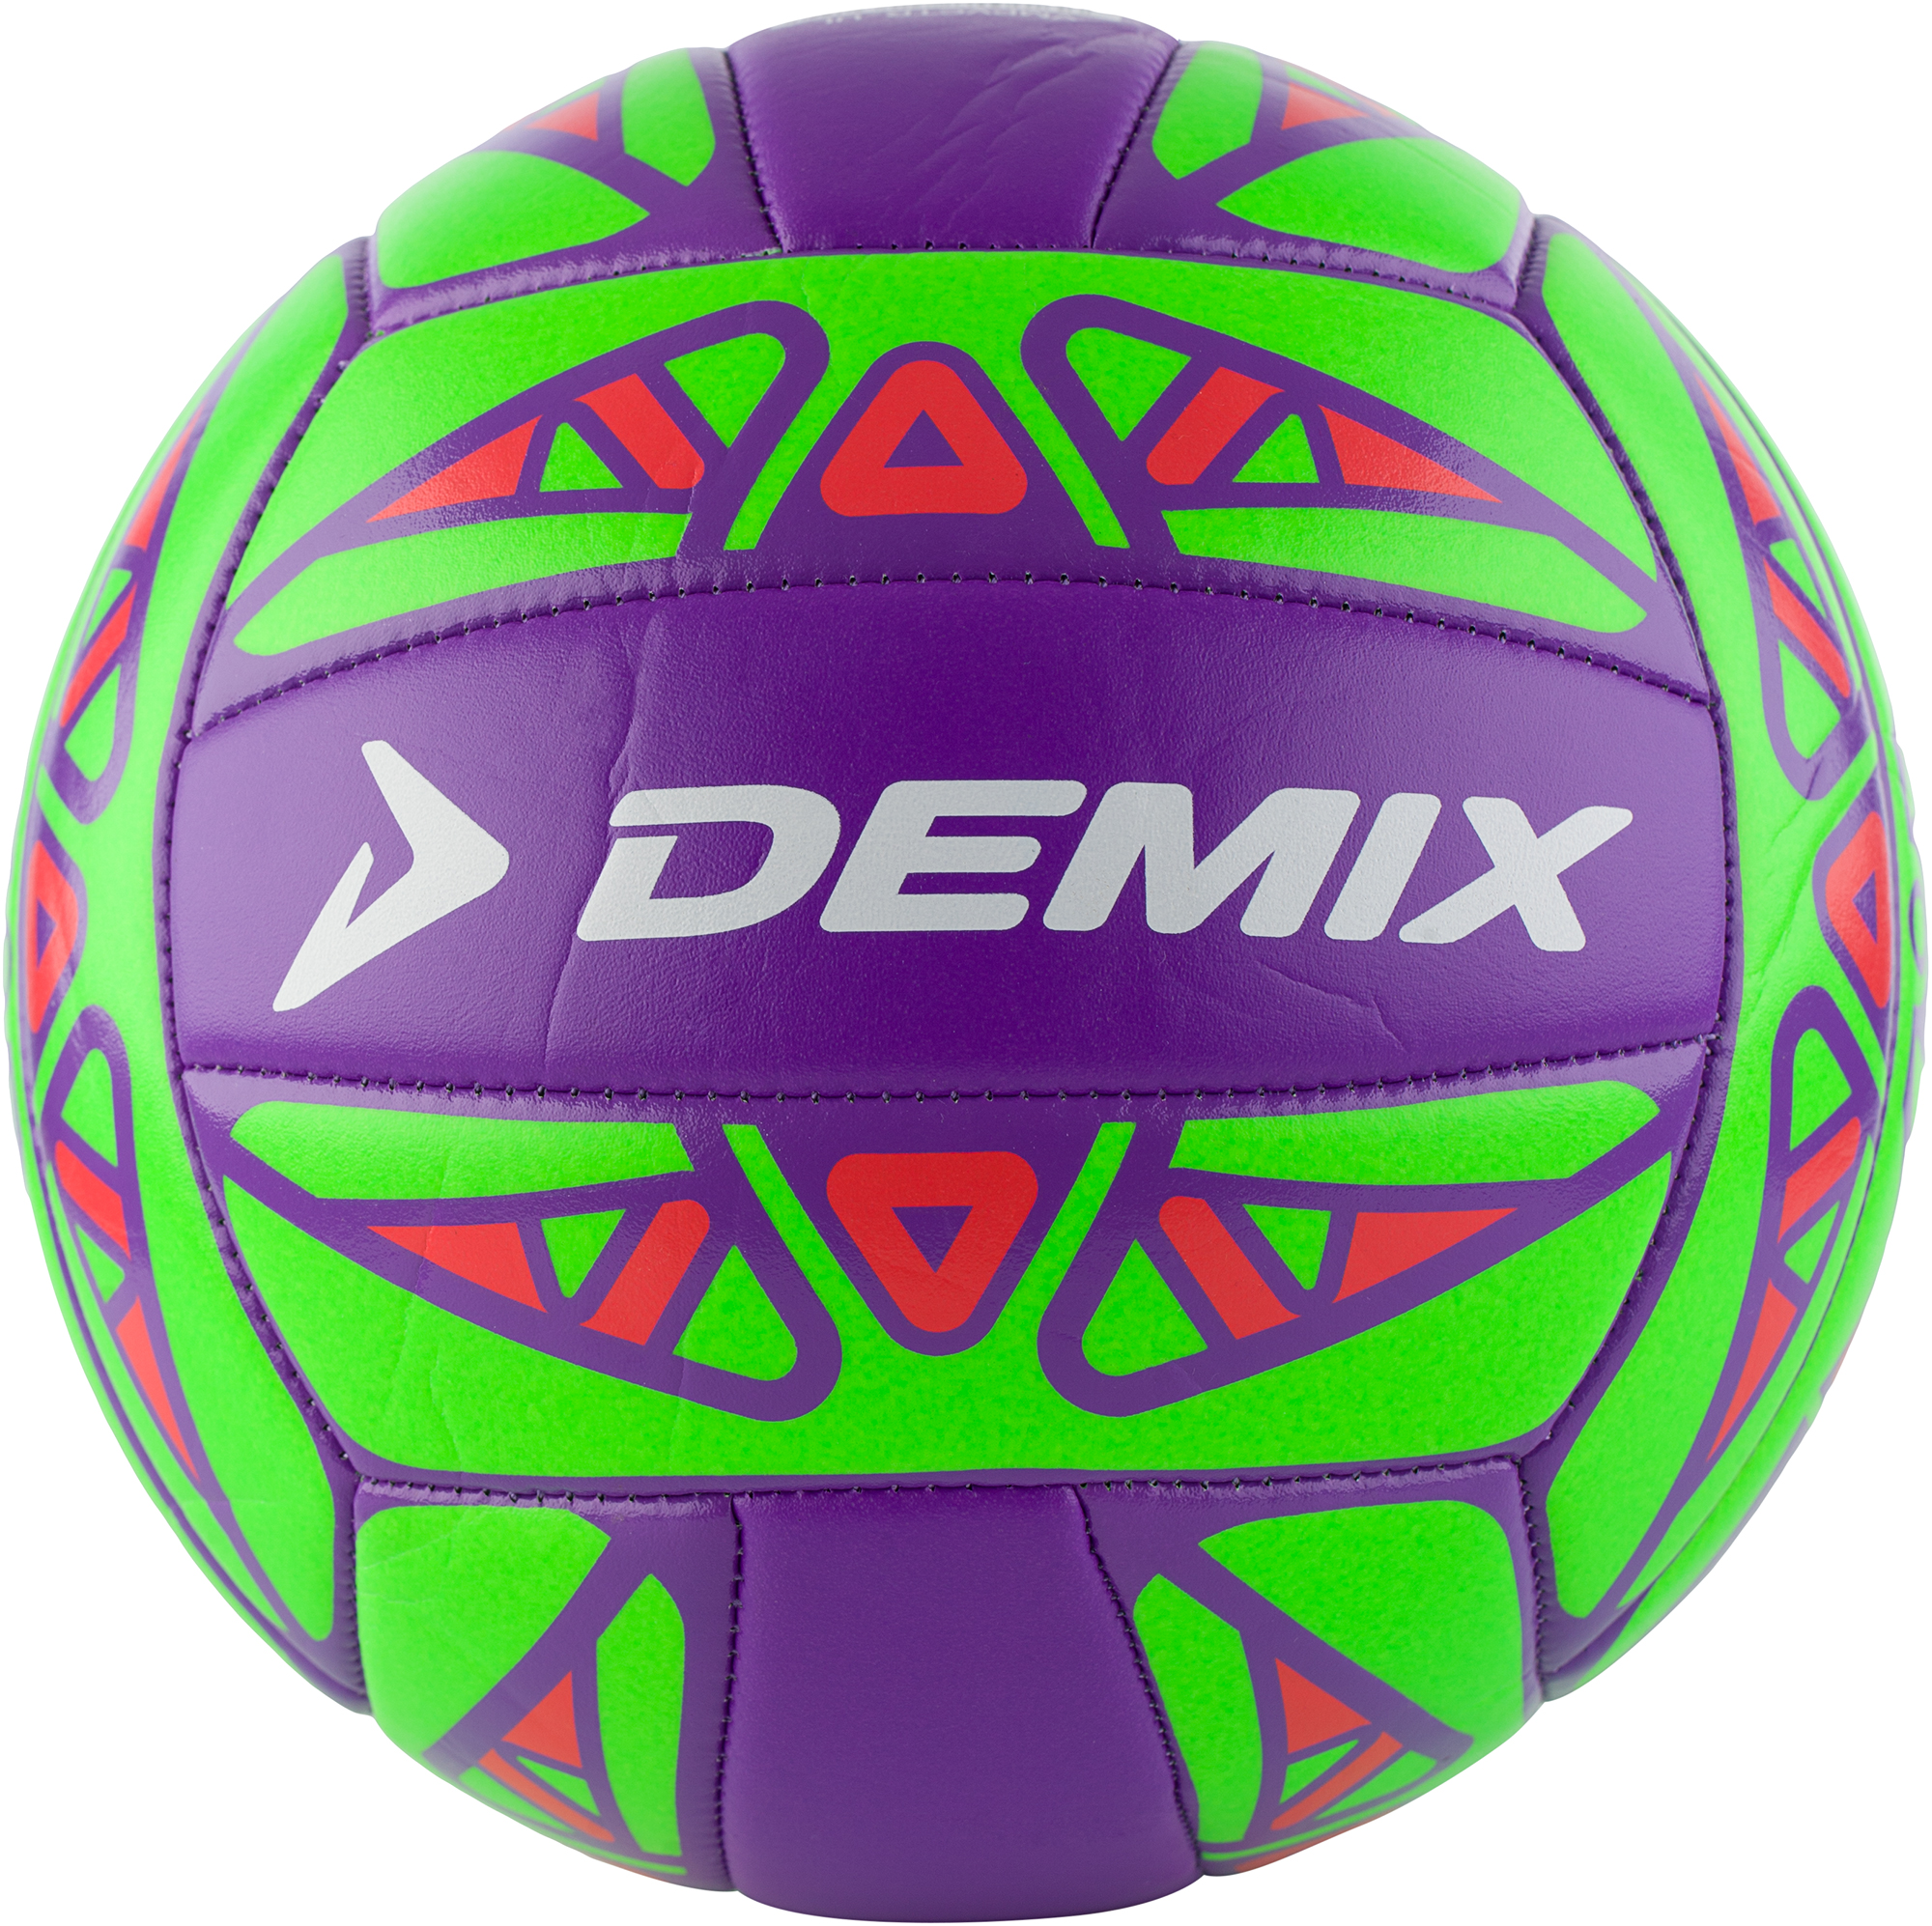 Demix Мяч для пляжного волейбола Demix